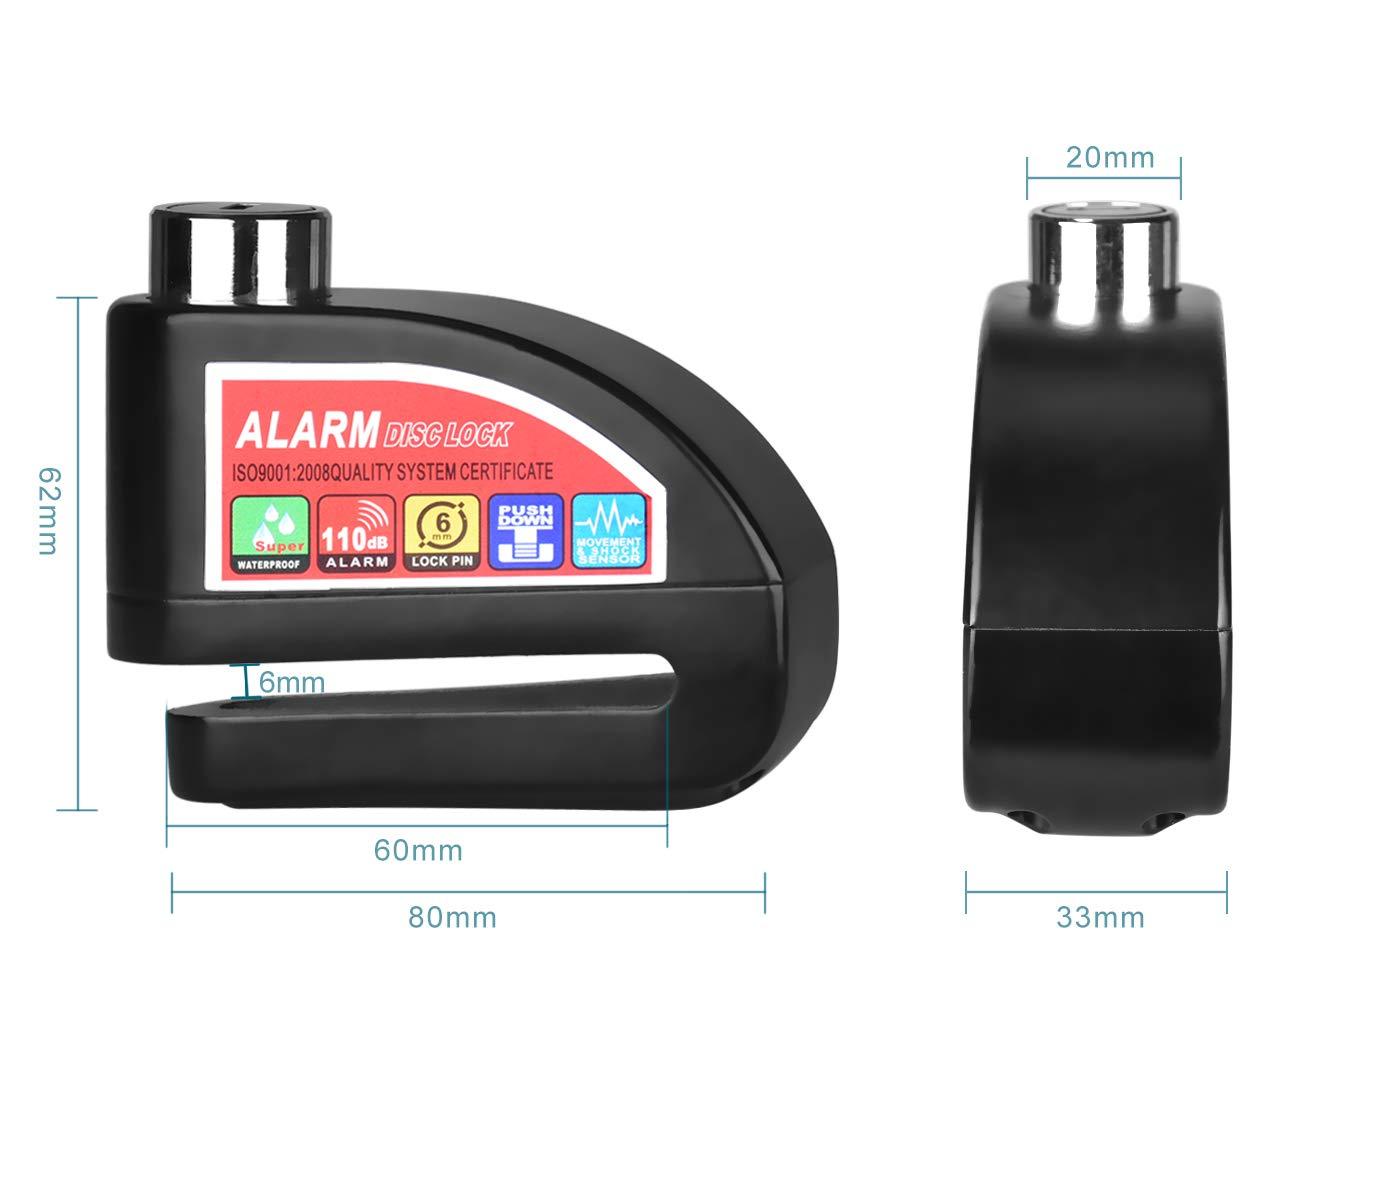 Echoice Candado de Disco con Alarma 110dB Bloqueo de Disco con 1.5m Cable de Seguridad para Moto, Bicicleta, Bicicleta Eléctricamente, Negro